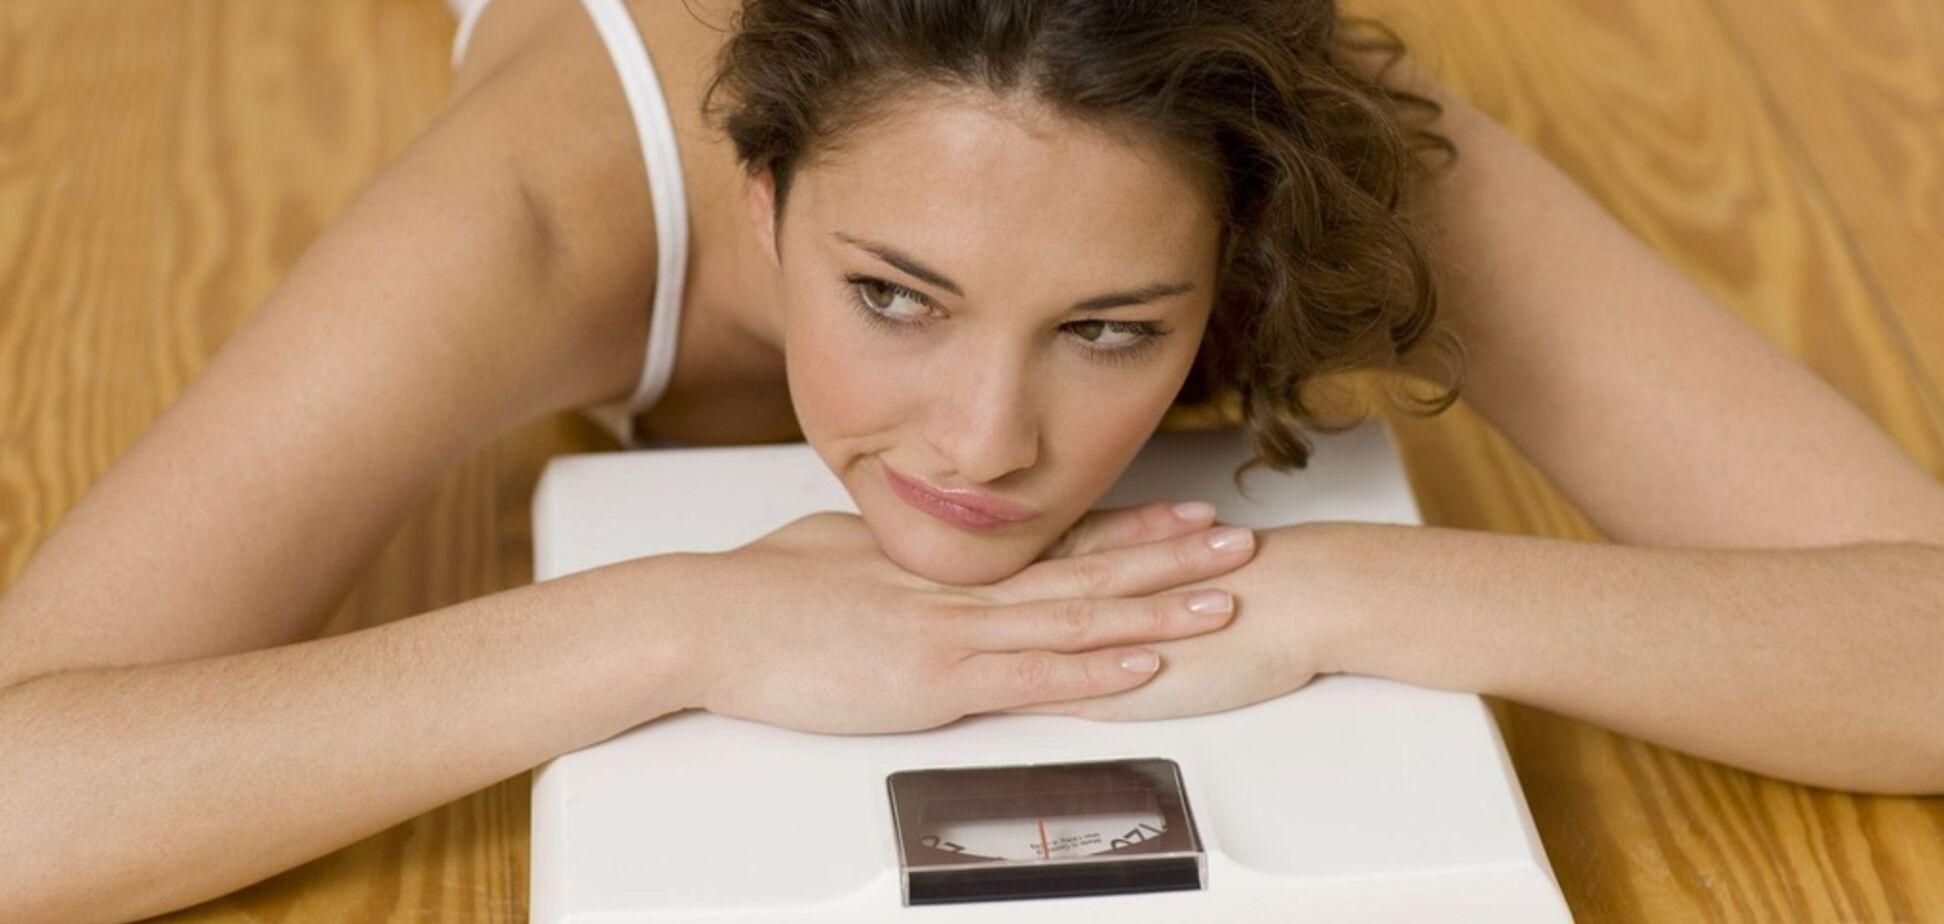 Вес не уходит: названы главные ошибки похудения